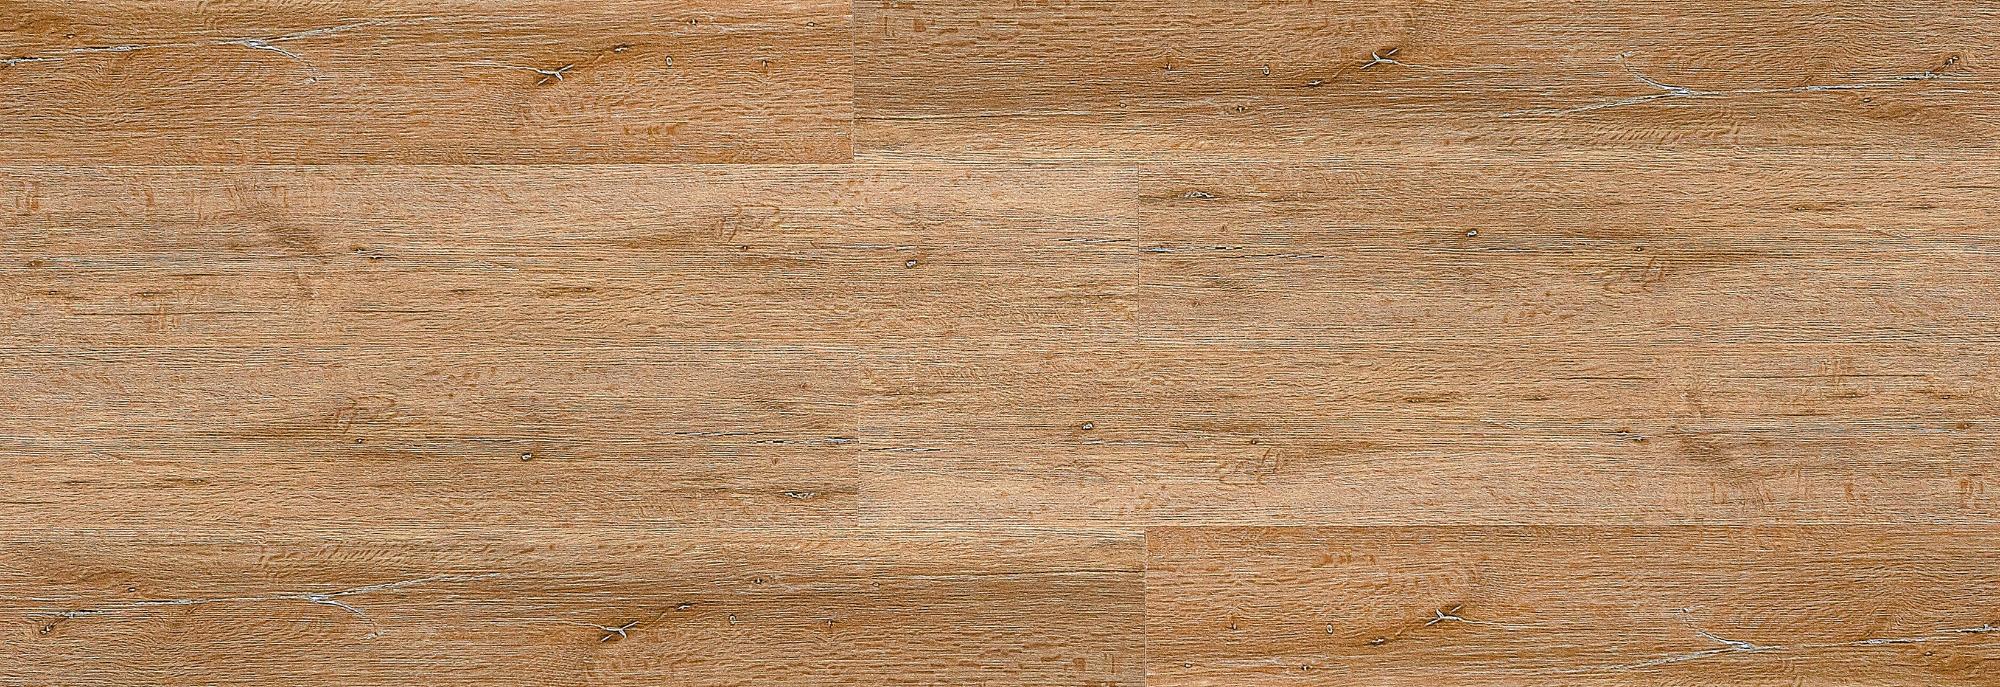 NOMAD FLO - NF10104 Salamanca - Vinylová podlaha s kompozitním jádrem - Click